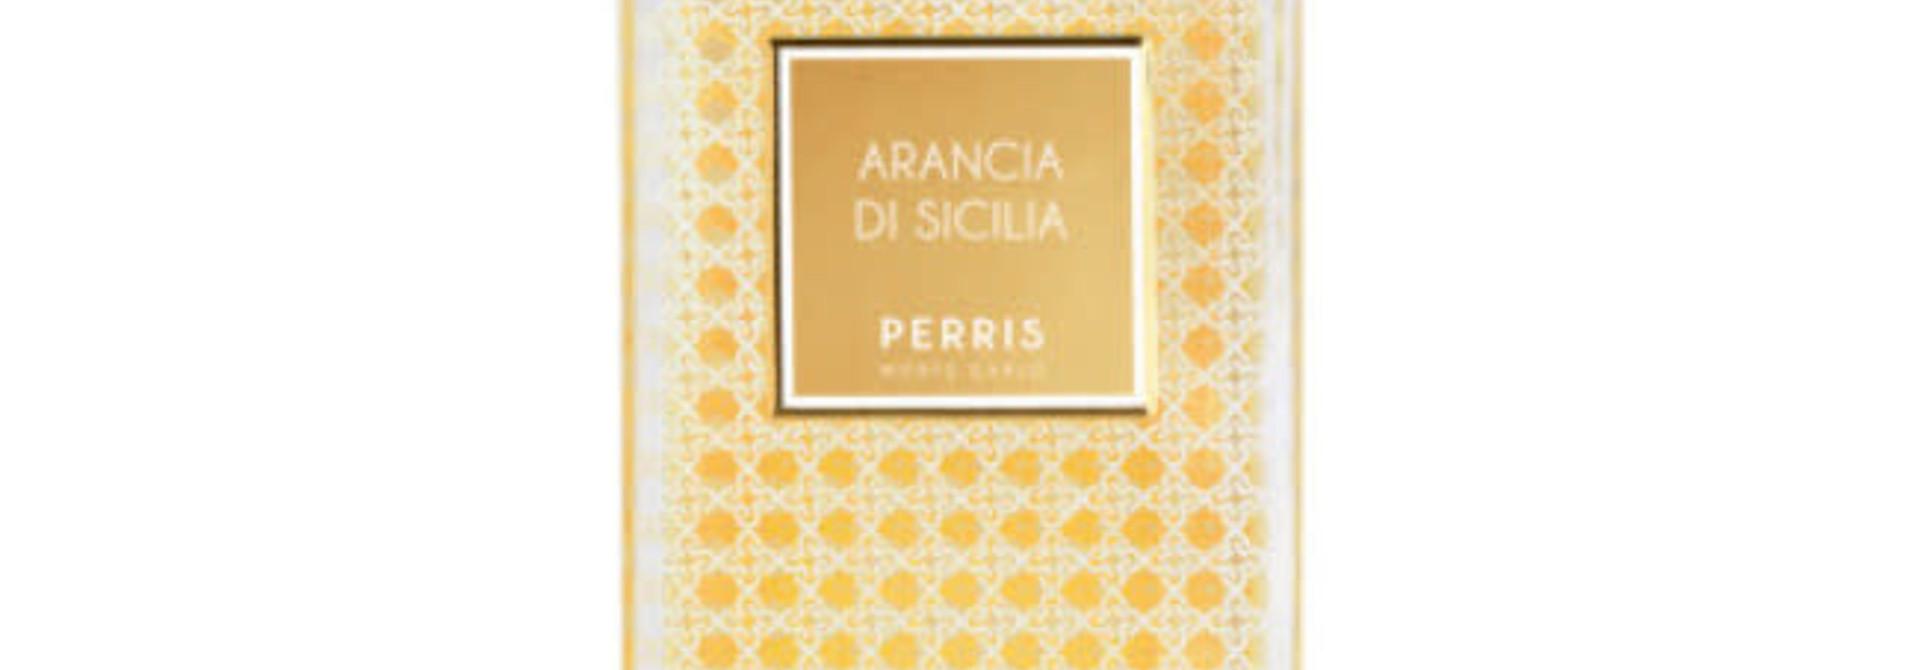 Arancia di Sicilia